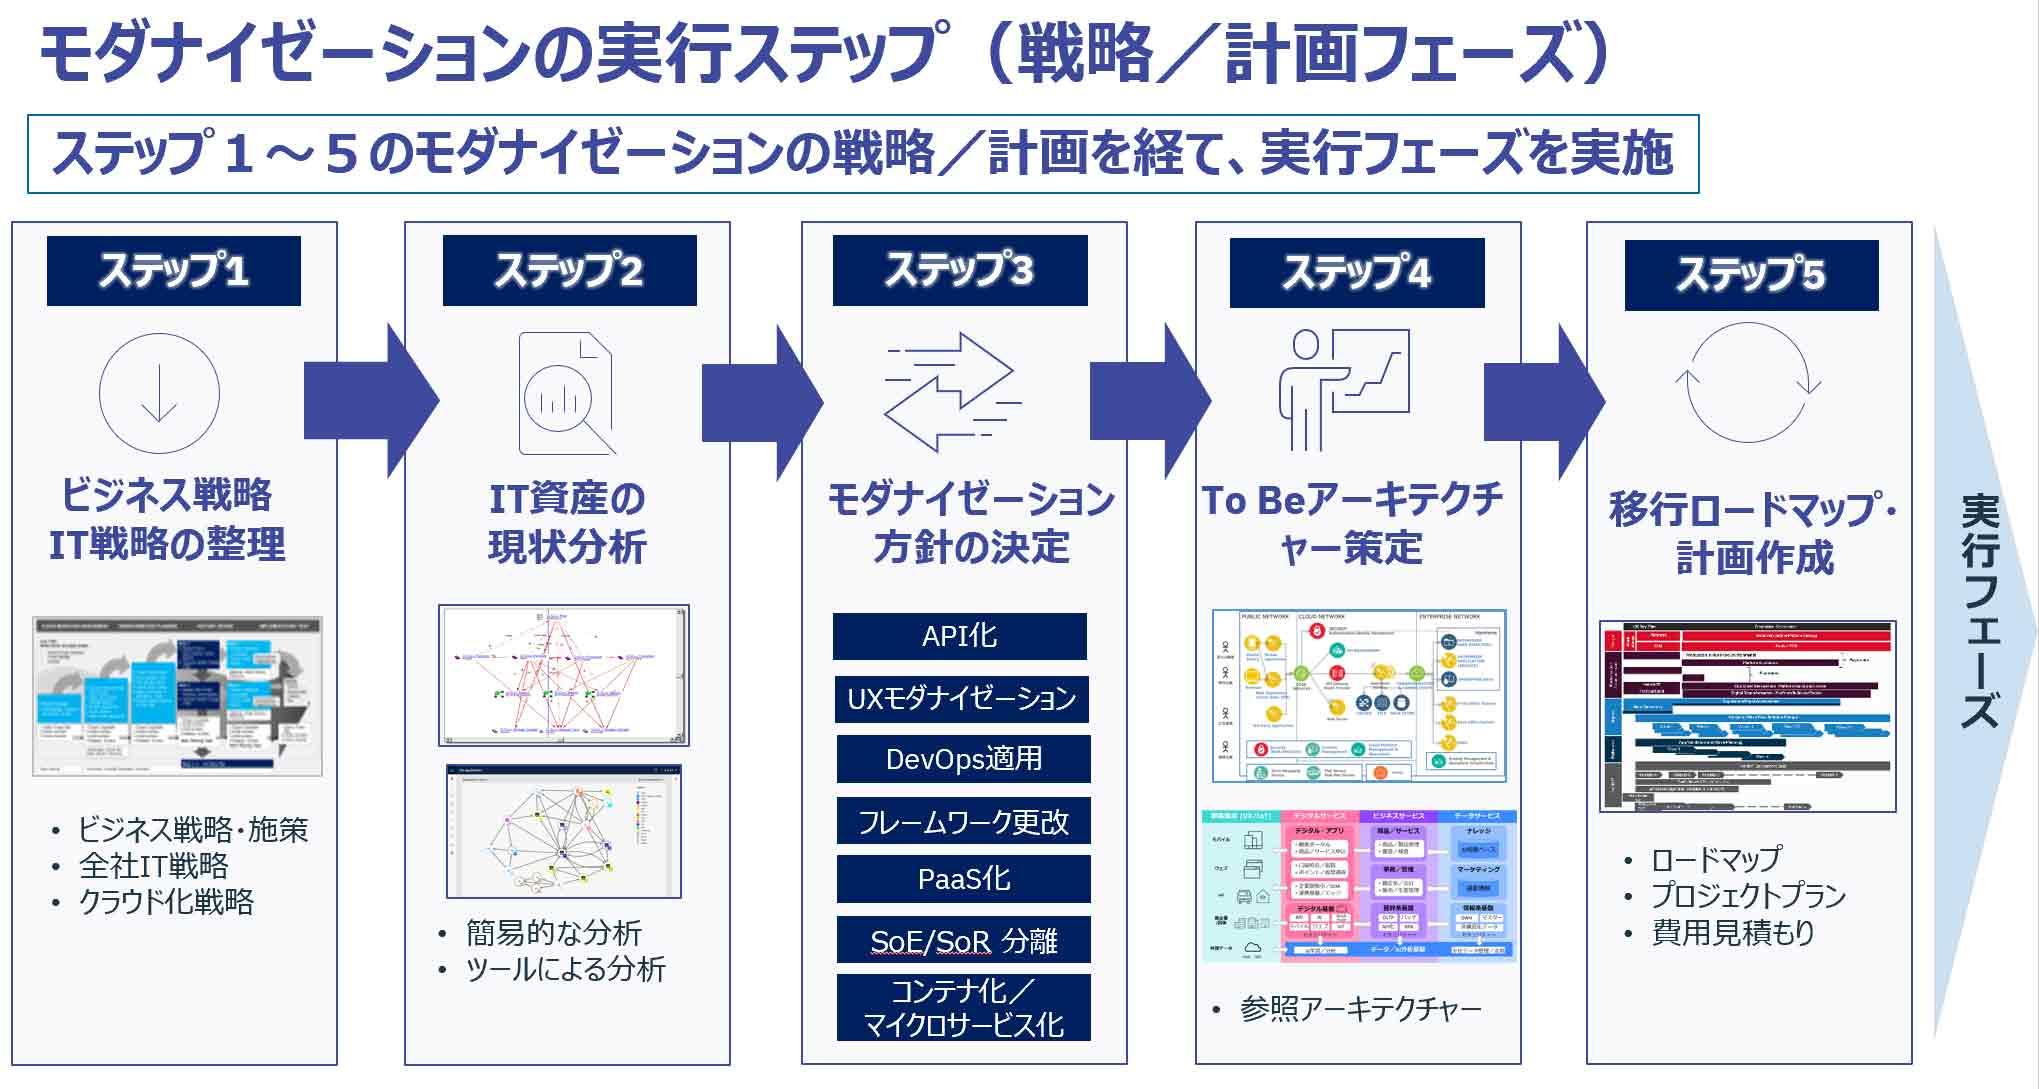 モダナイゼーションの実行ステップ(戦略/計画フェーズ)